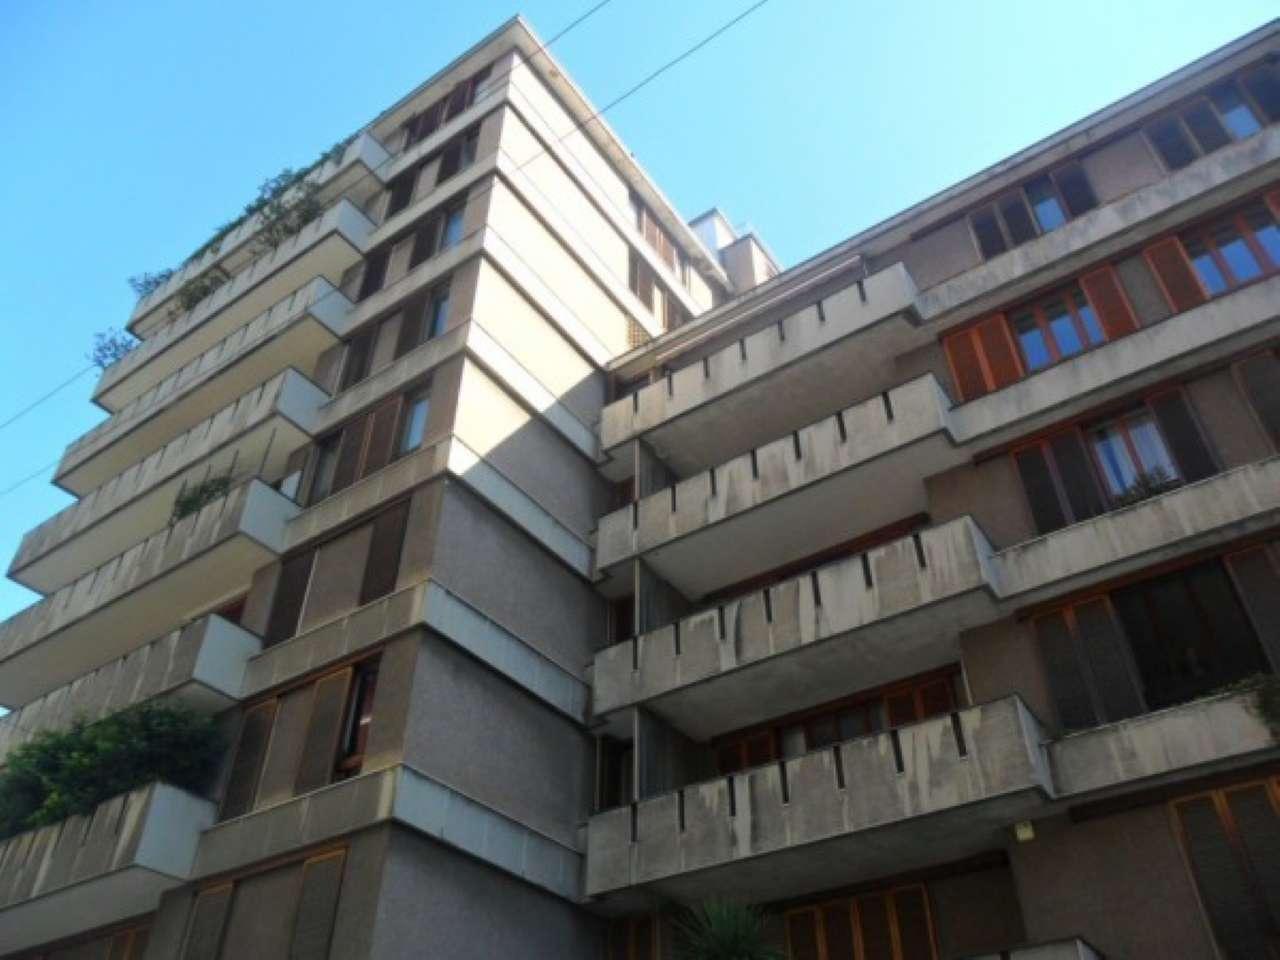 Appartamento in vendita a Milano, 4 locali, zona Zona: 4 . Buenos Aires, Indipendenza, P.ta Venezia, Regina Giovanna, Dateo, prezzo € 780.000   CambioCasa.it